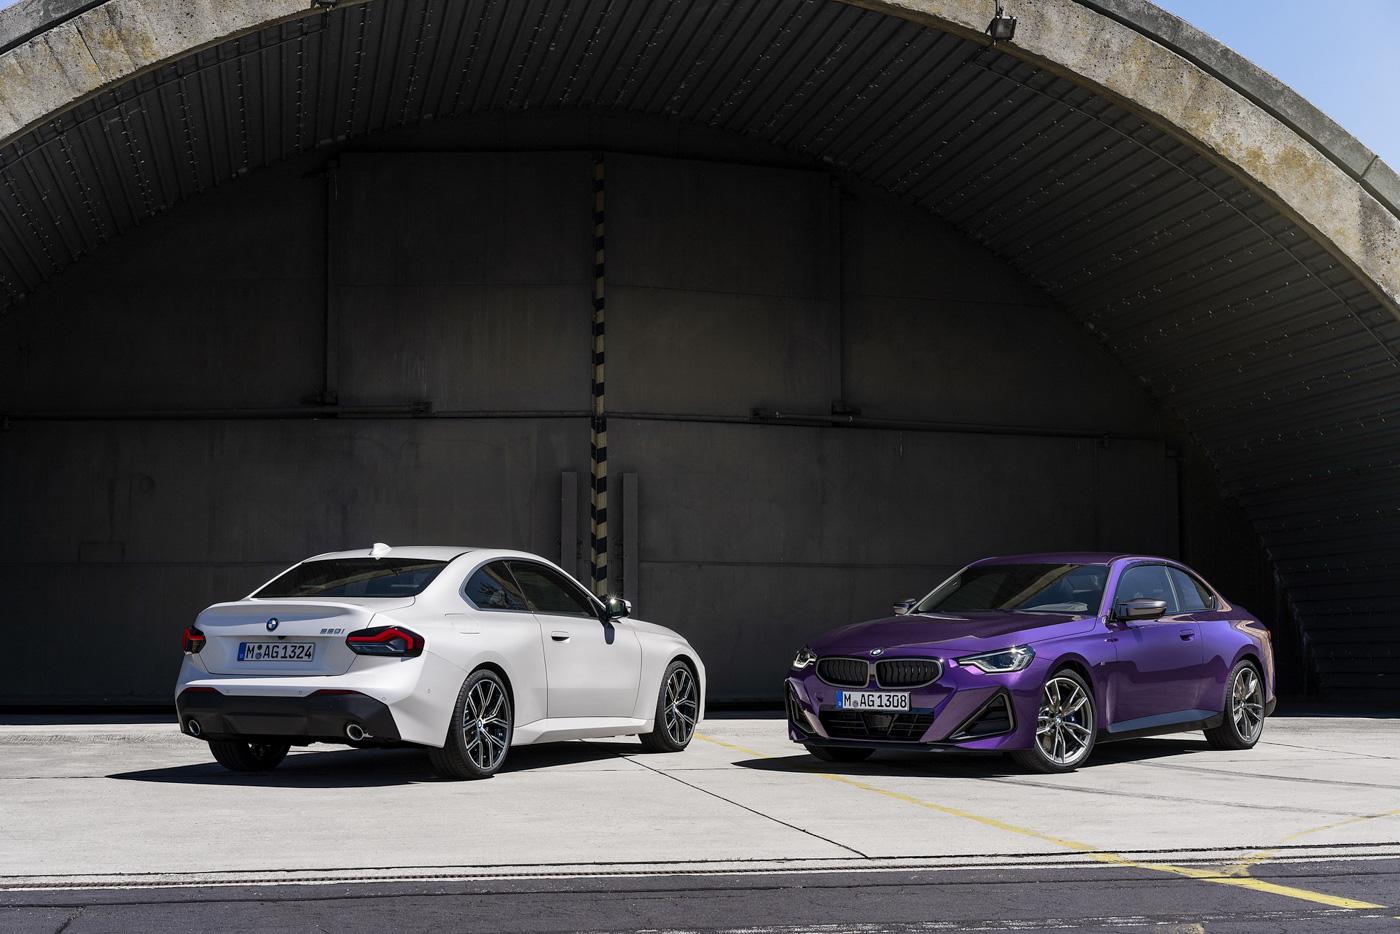 BMW-2-series-2022-ra-mắt-với-giá-bán-từ-36350-usd-29.jpg